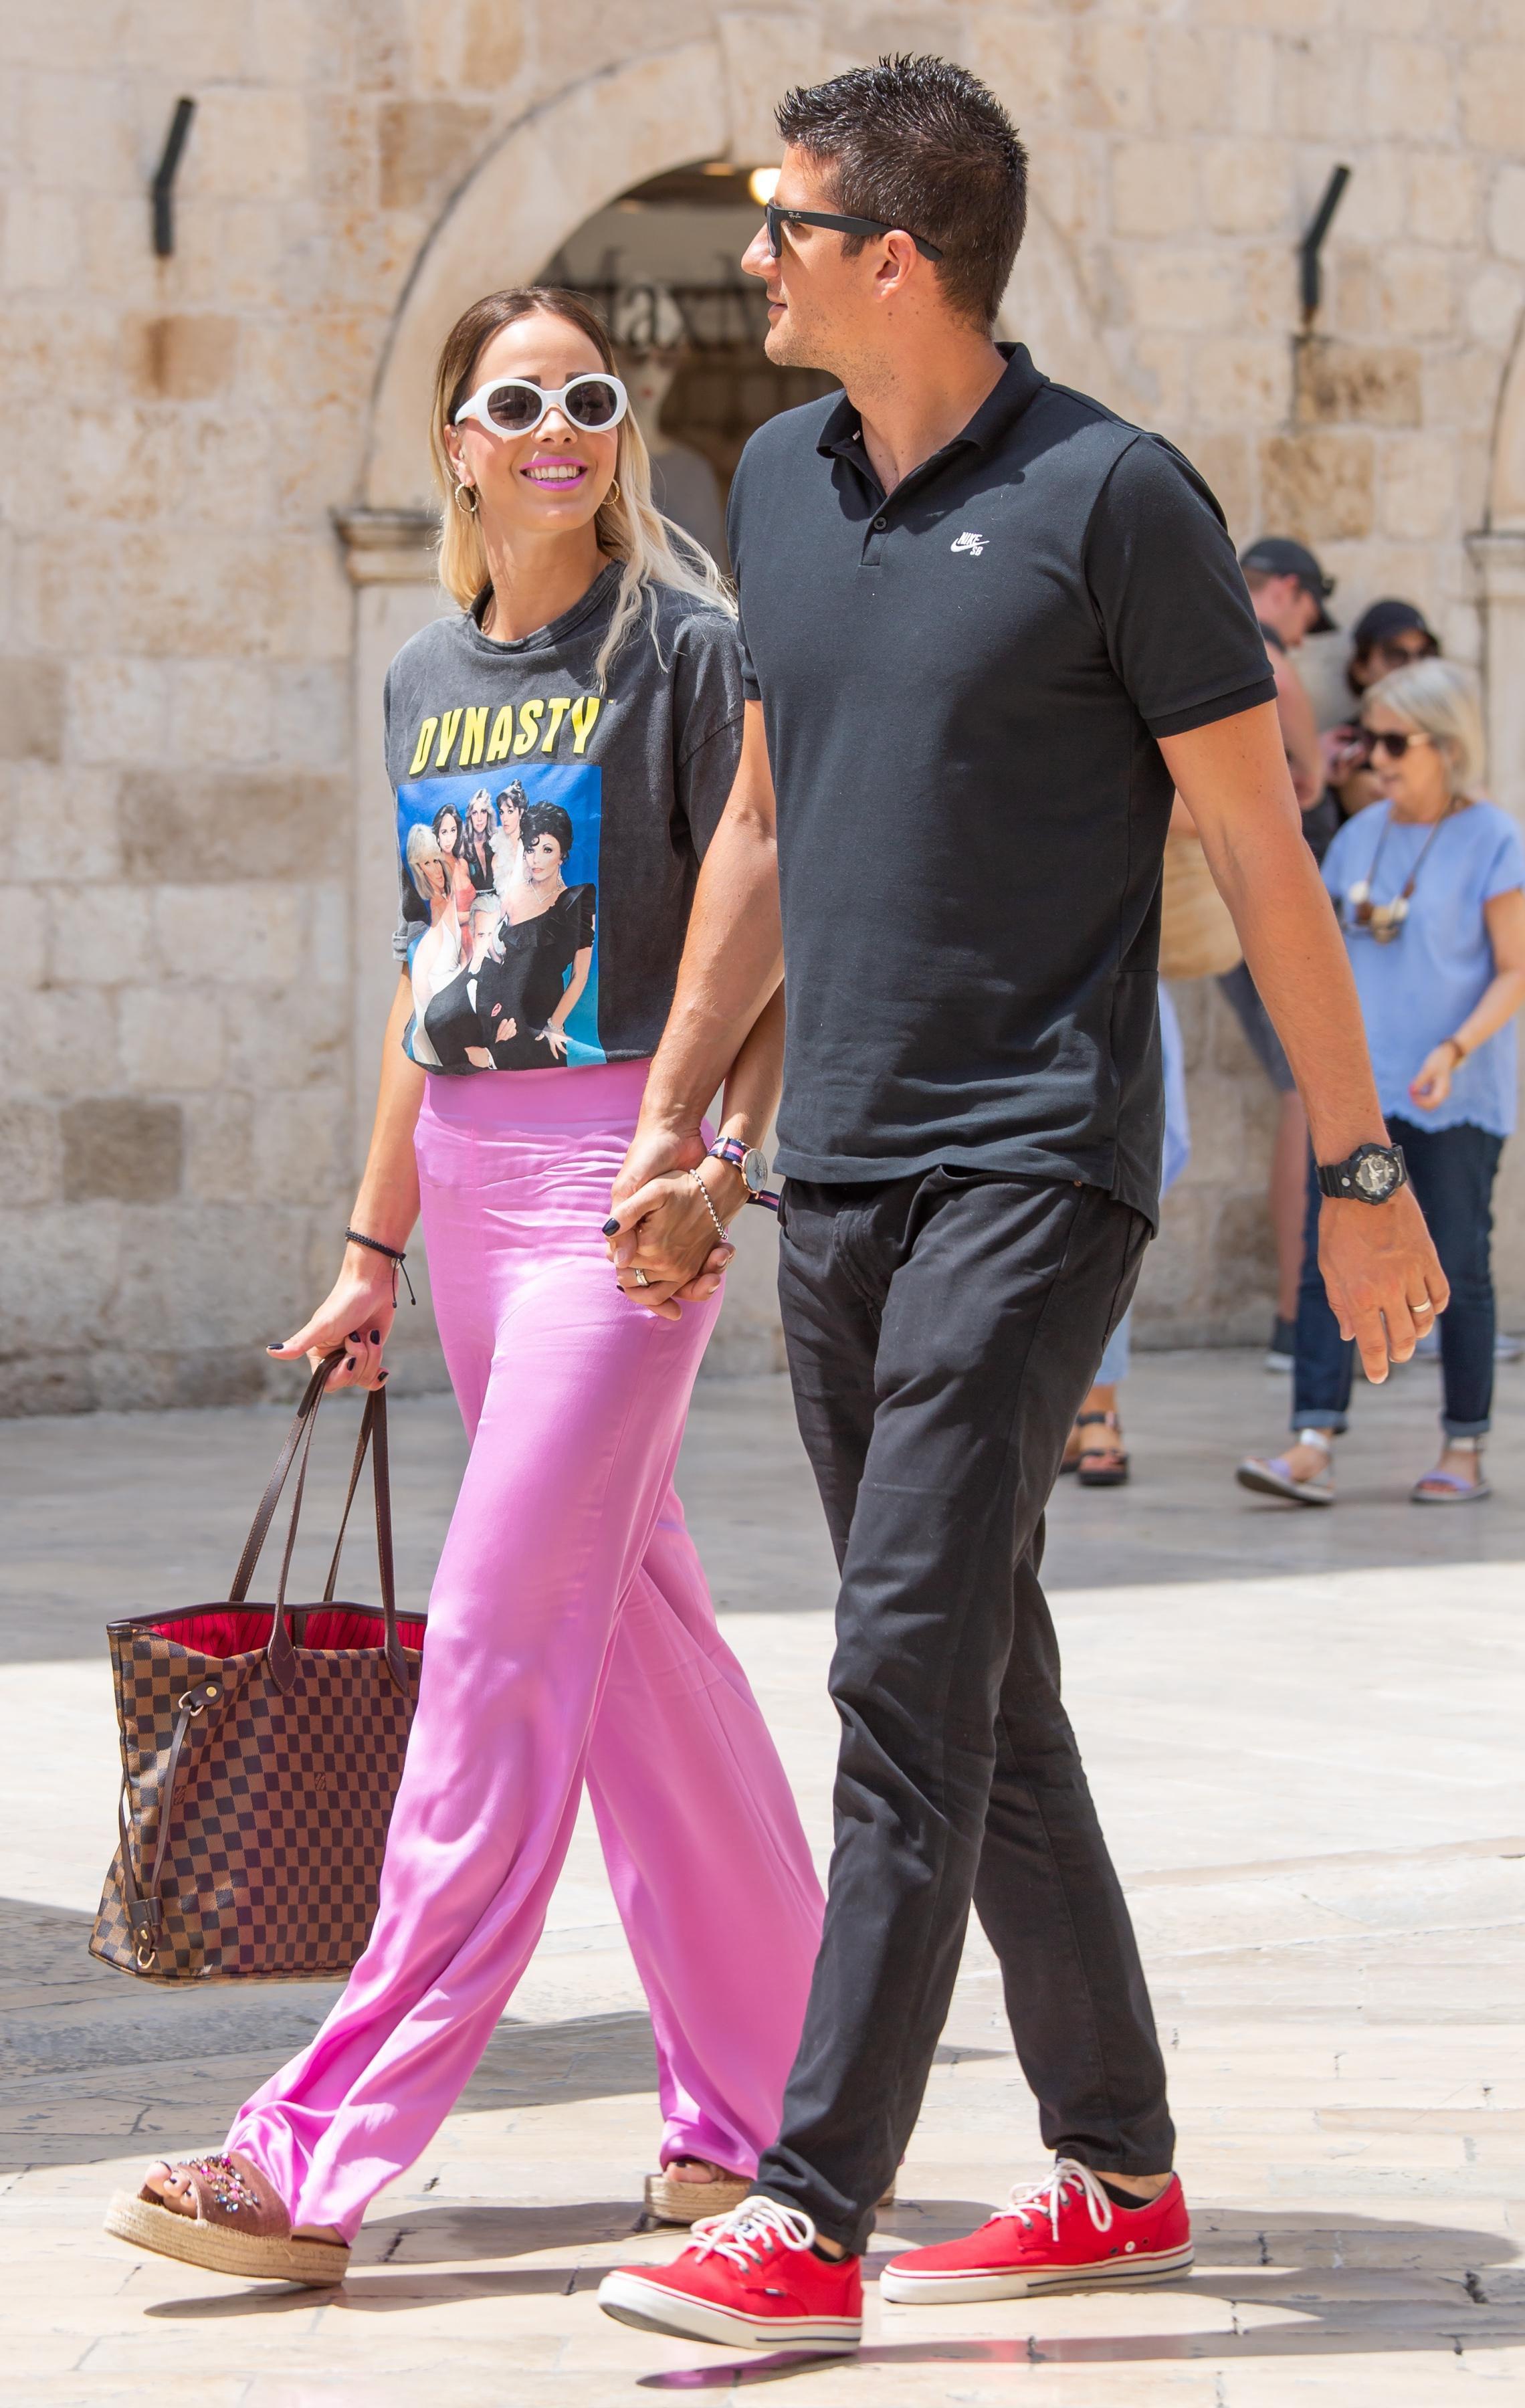 Gotovo je nismo prepoznali: Antonija Mišura Sandrić izgleda divno u stylish kombinaciji koja mami poglede